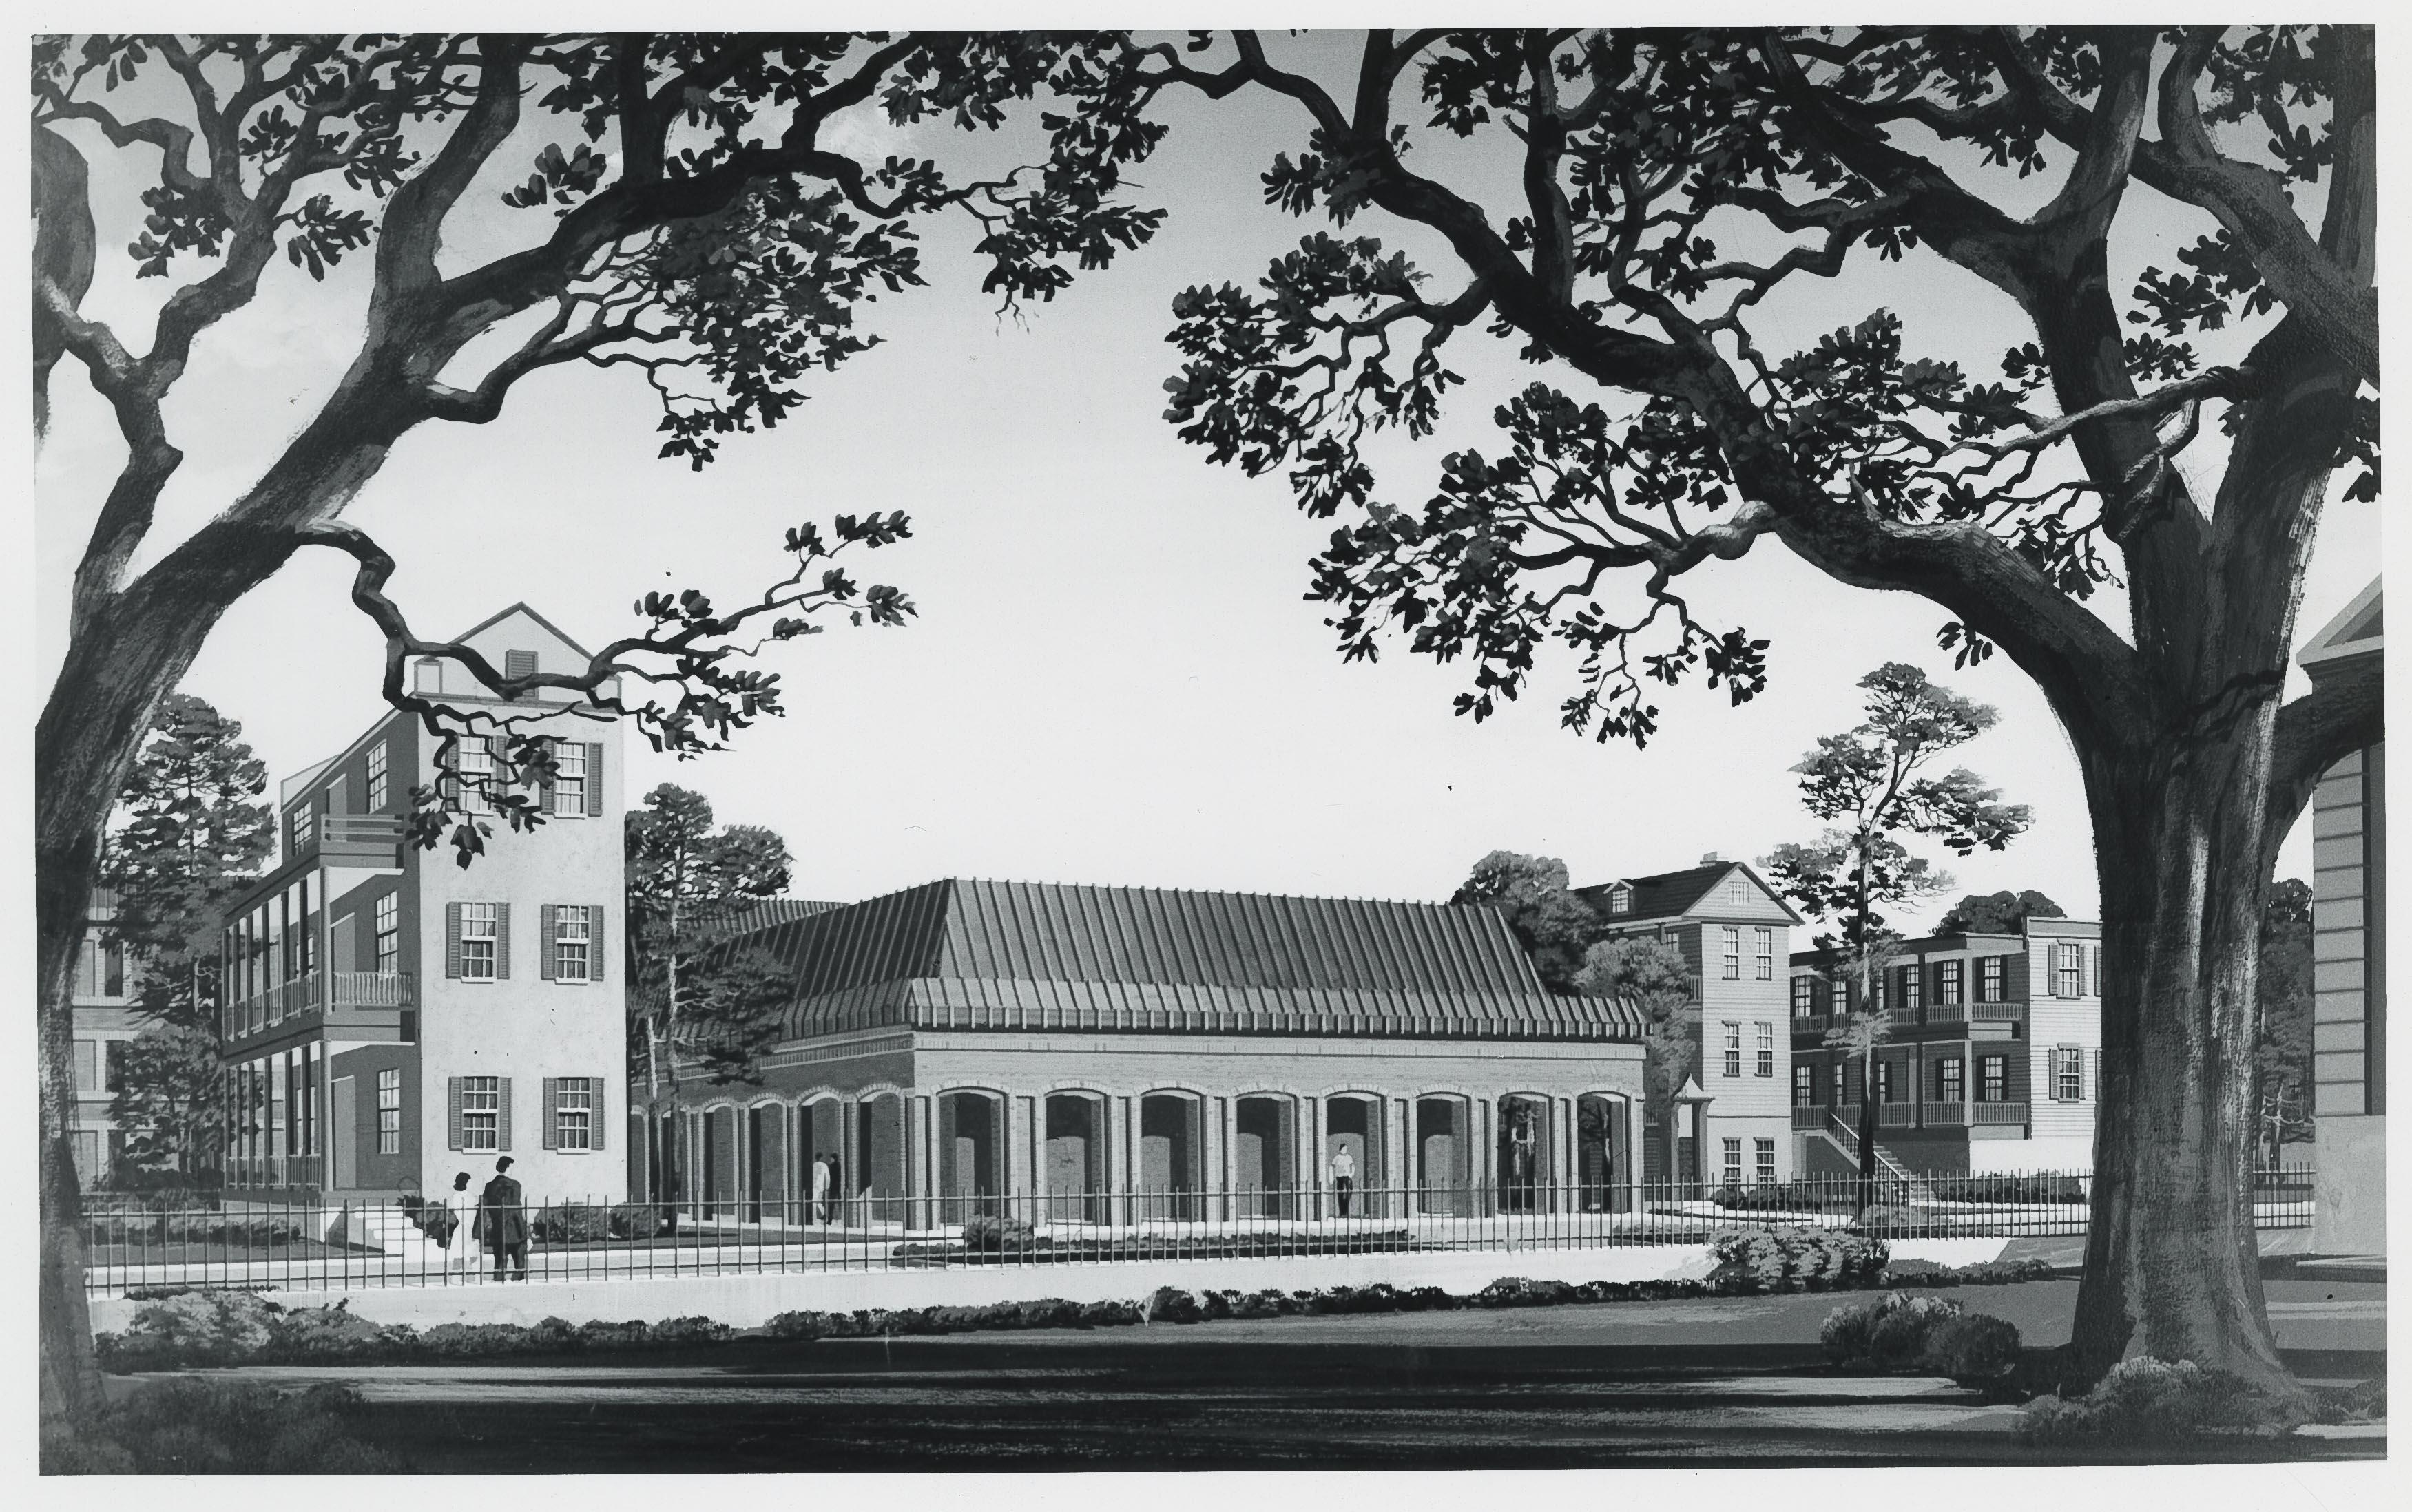 Physicians Auditorium